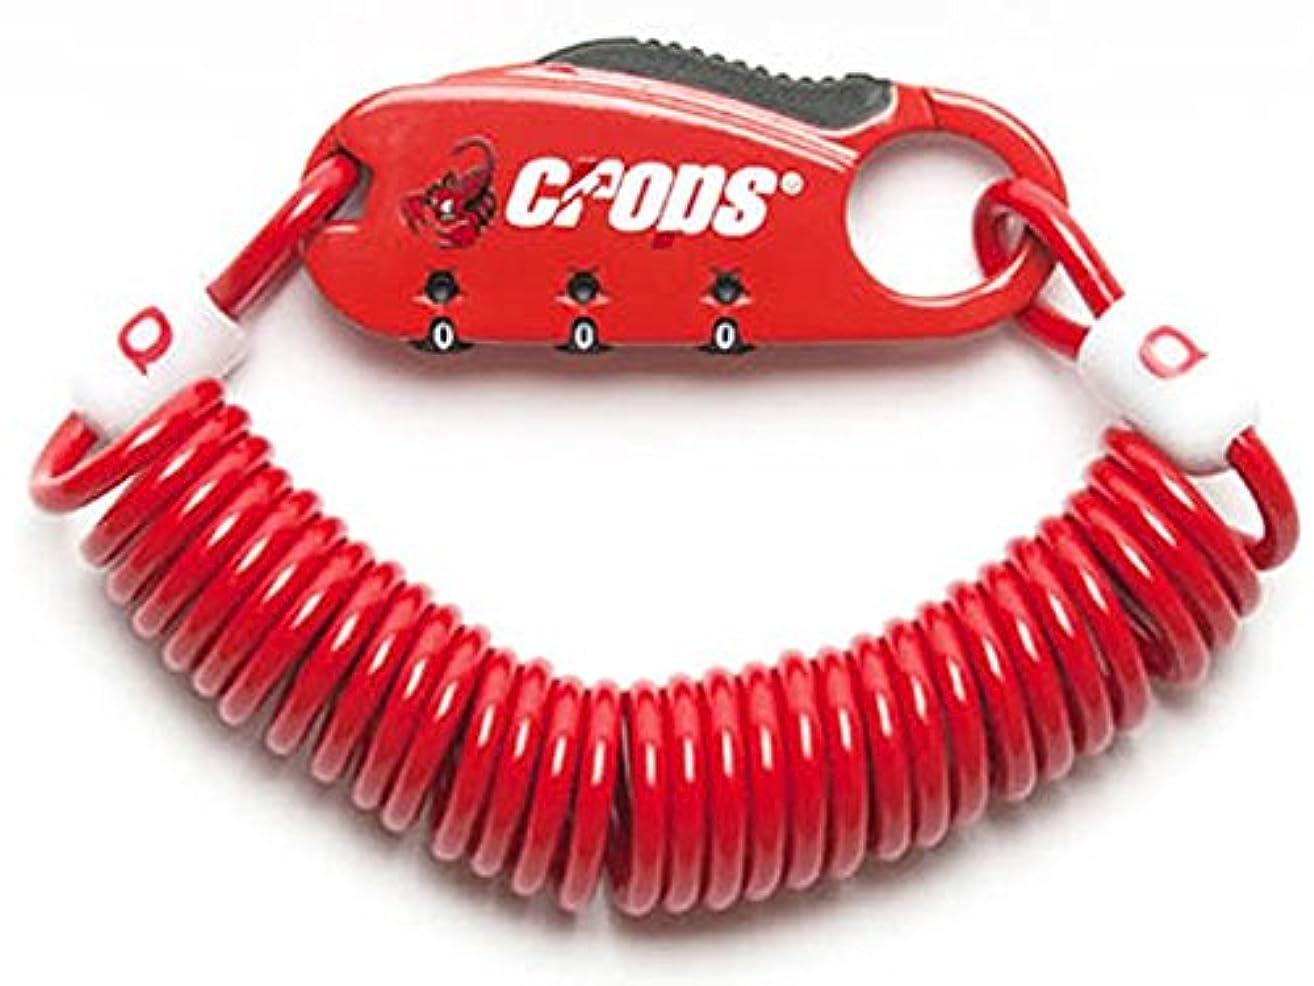 先スリップシューズ密度CROPS (クロップス) SPD08 Q3 ダイヤル式ケーブルロック レッド